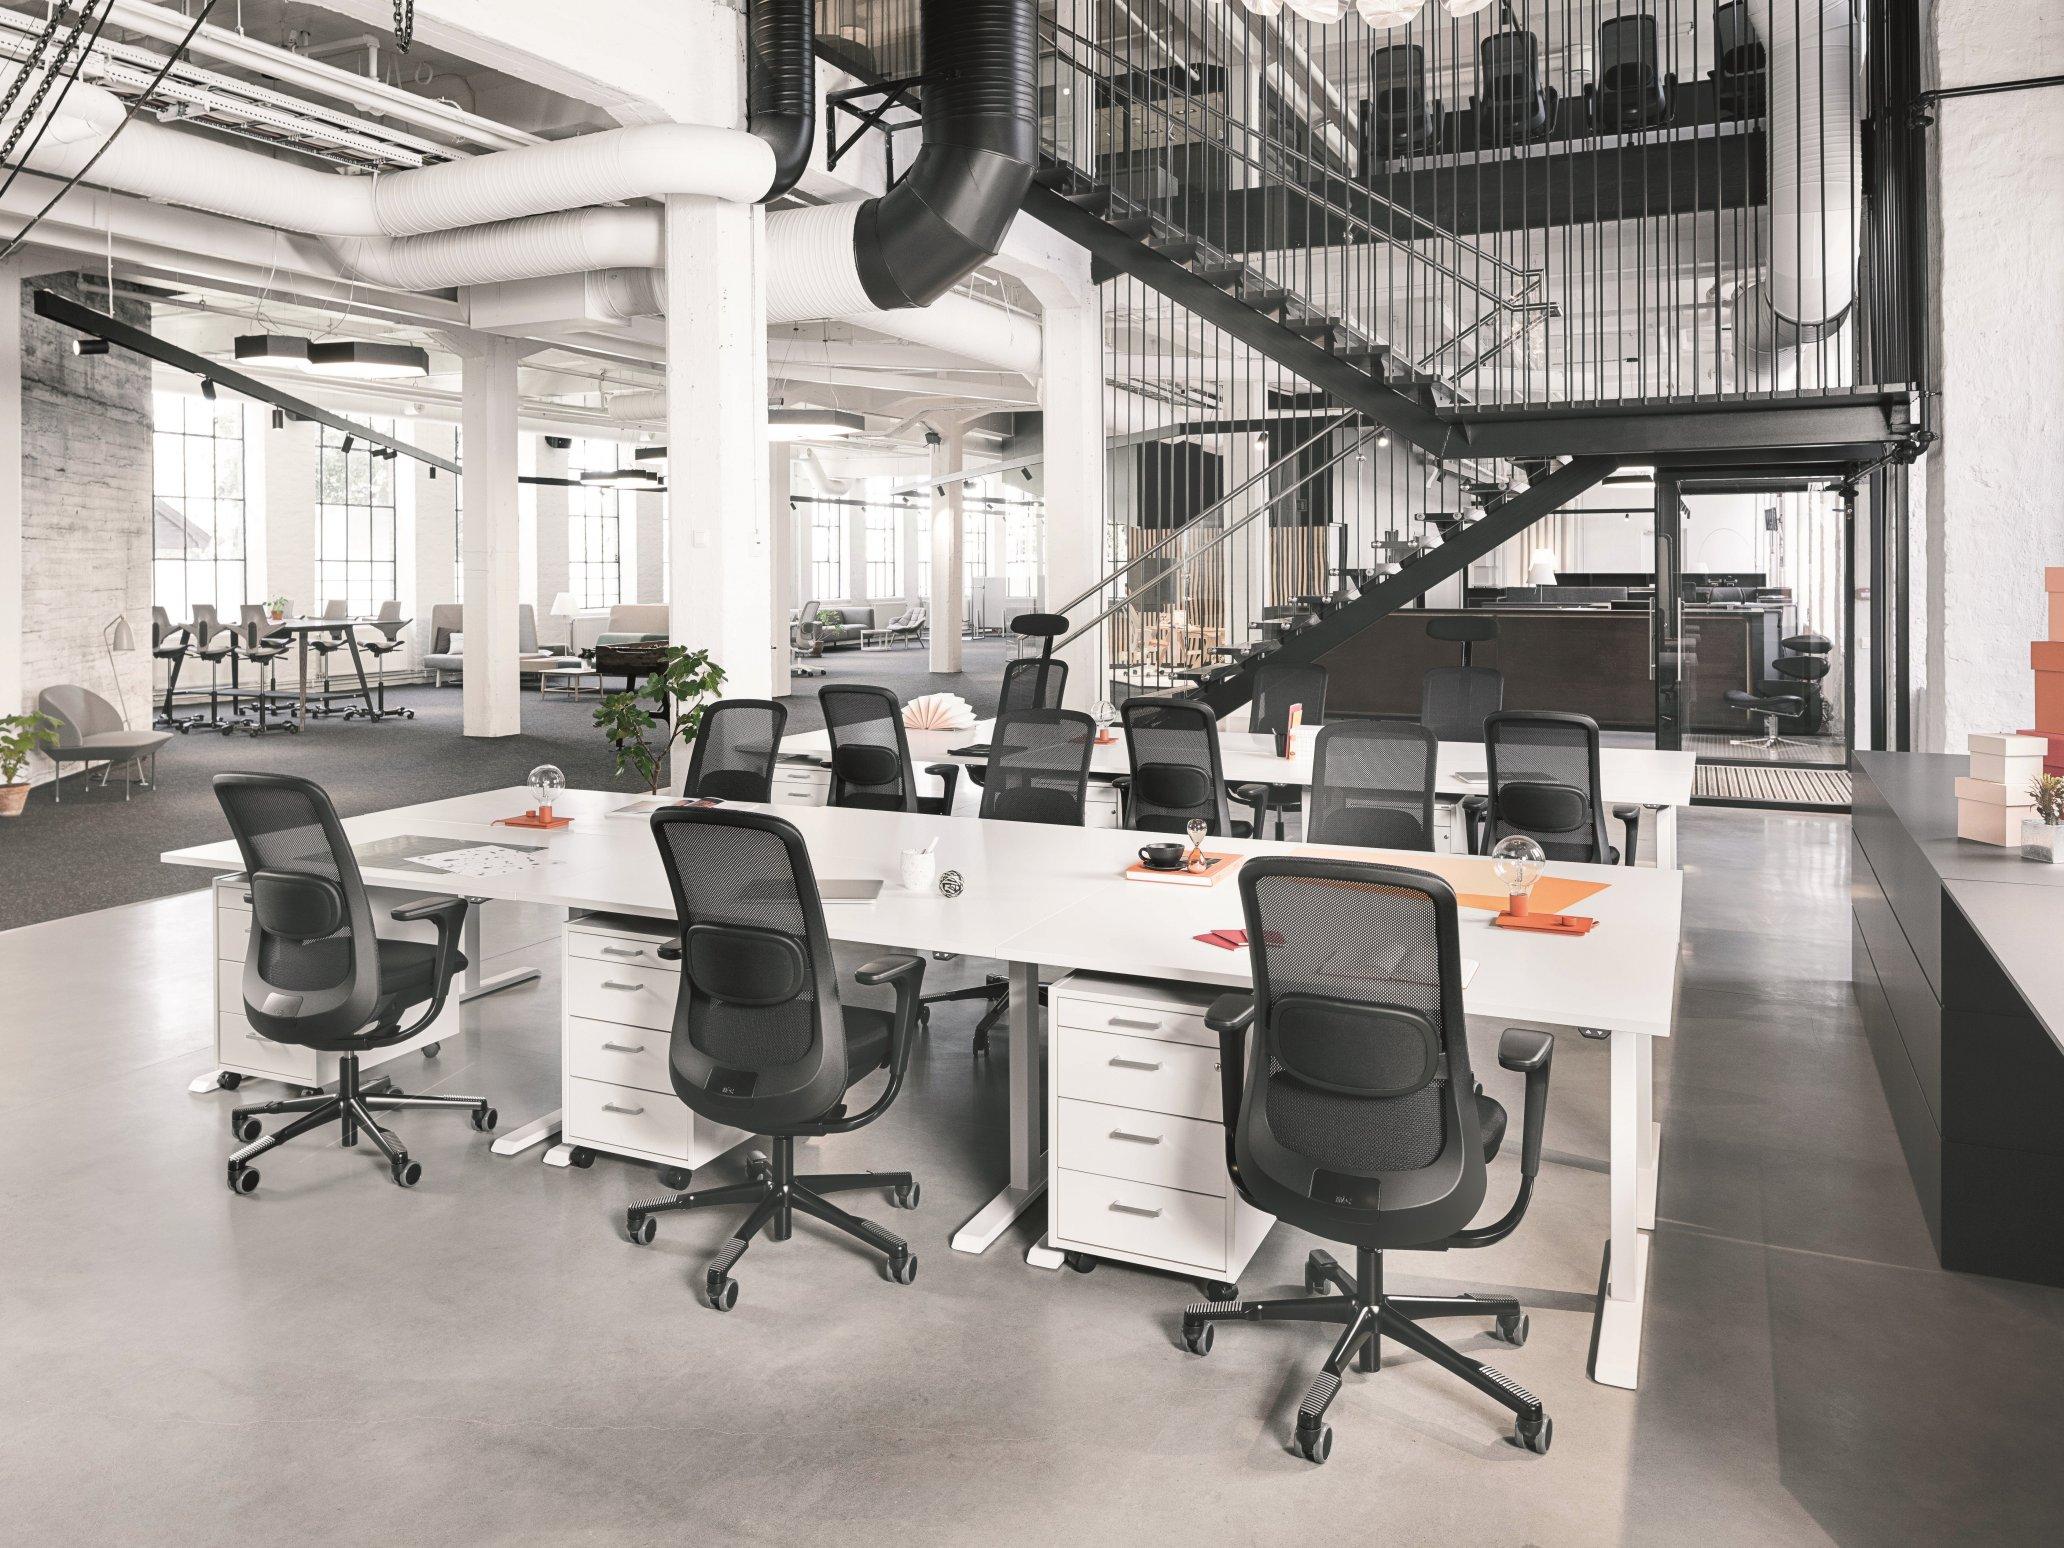 Büroeinrichtung Arbeitsstättenrichtlinien Raumhöhe